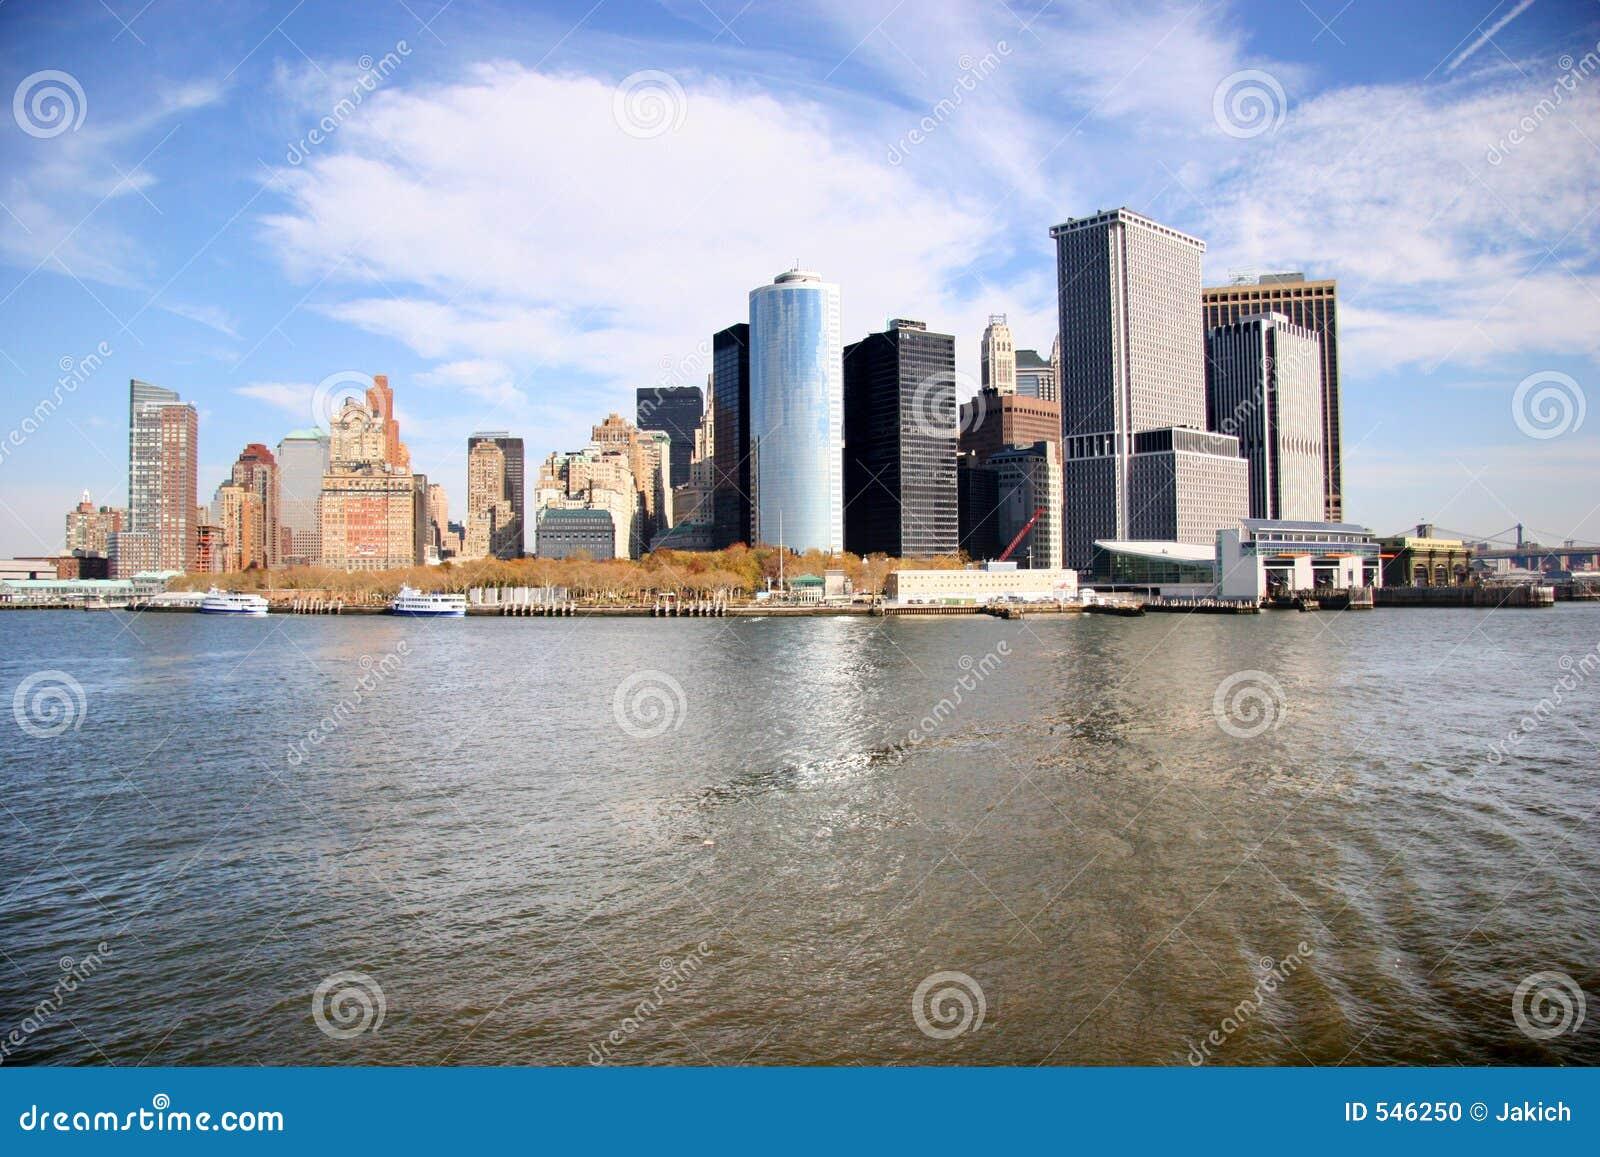 Download 新的地平线约克 库存照片. 图片 包括有 大城市, 重婚, 街市, 地平线, 约克, 城镇, 大都会, 都市风景 - 546250